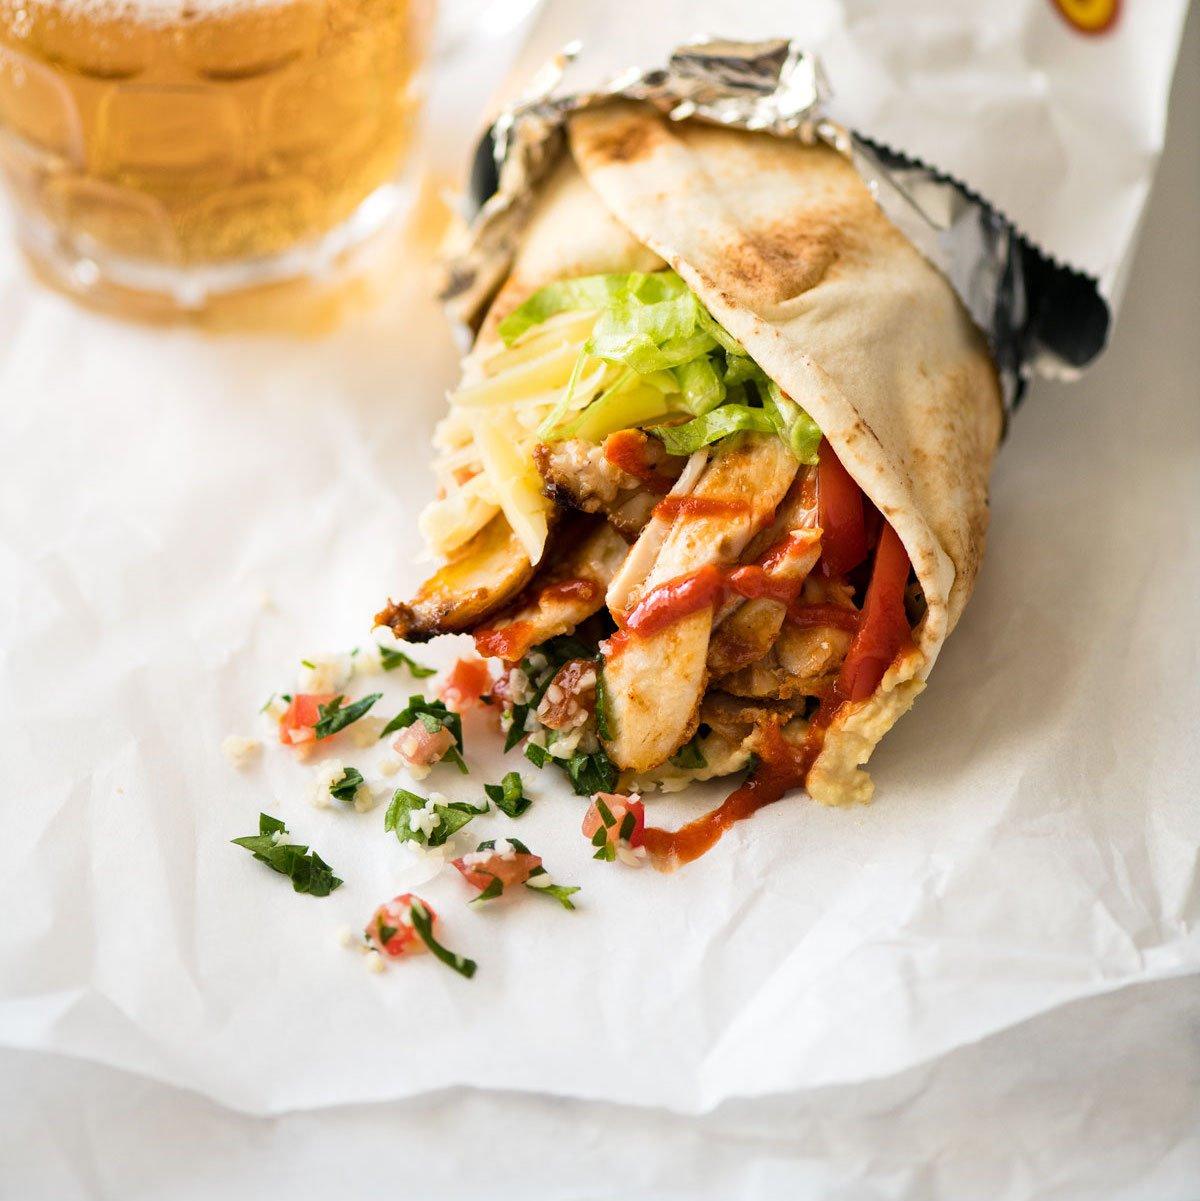 Τα 15+1 must-try φαγητά που πρέπει να δοκιμάσετε σε διάσημες χώρες - Ποιο ελληνικό είναι στη λίστα;